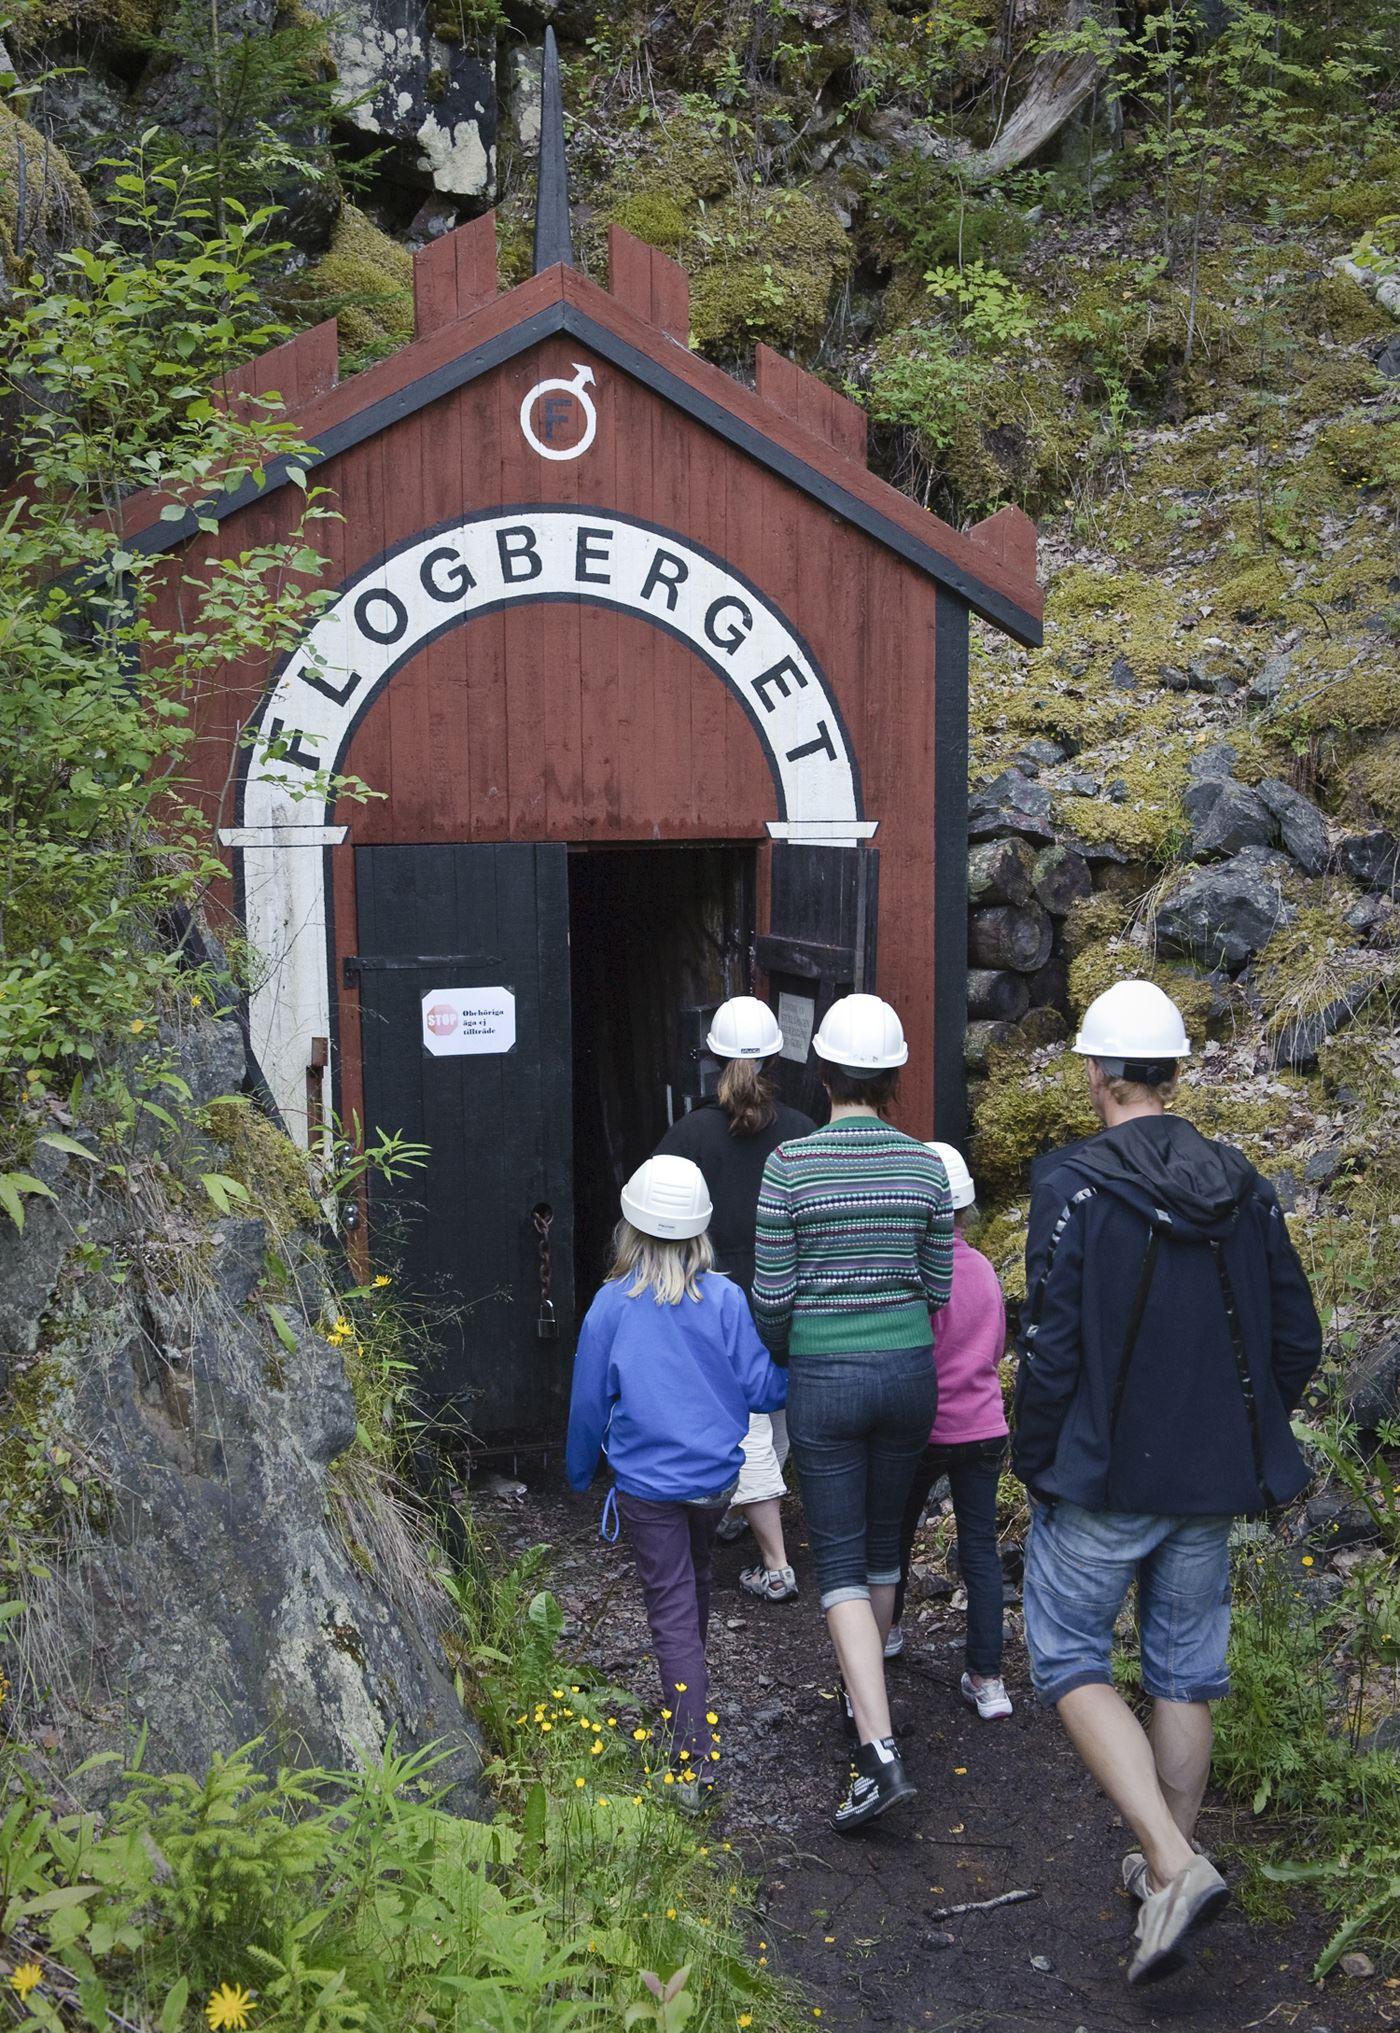 foto: Gomer, Säsongstart på Flogbergets gruvor